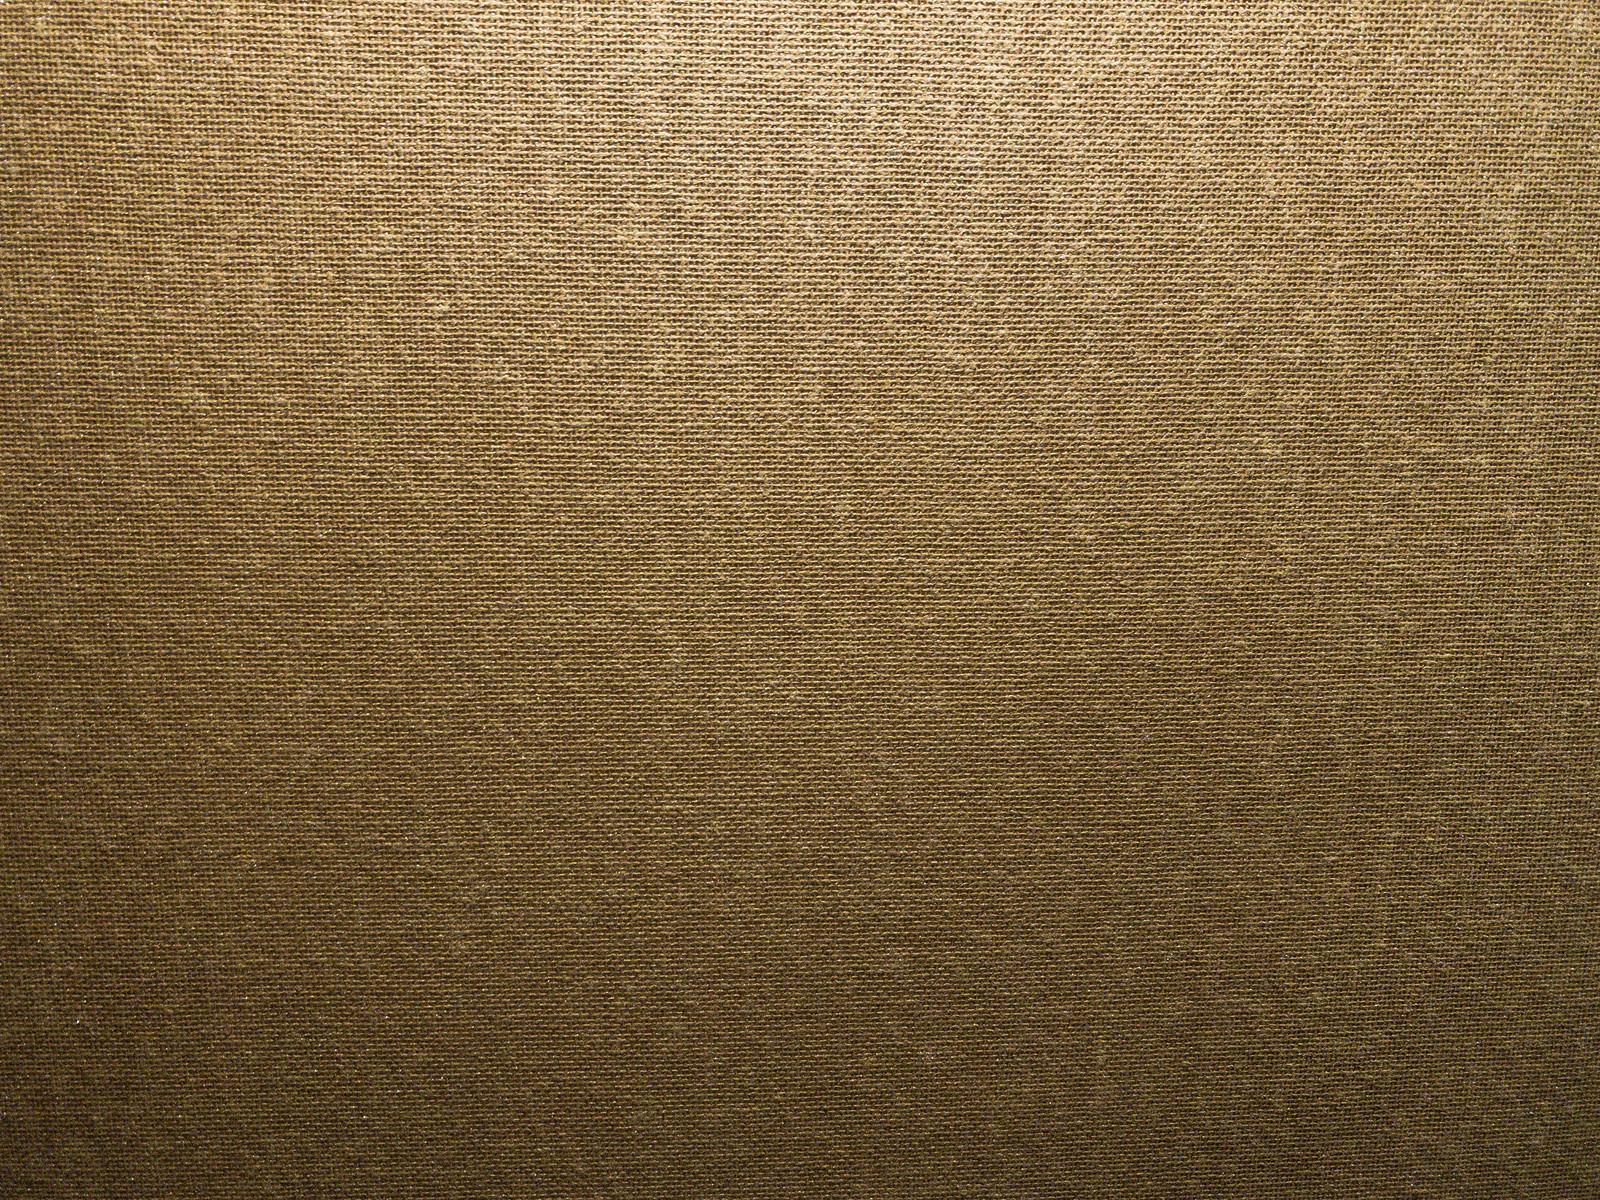 ダンボール色に近い壁紙 テクスチャ の写真 画像 フリー素材 ぱくたそ